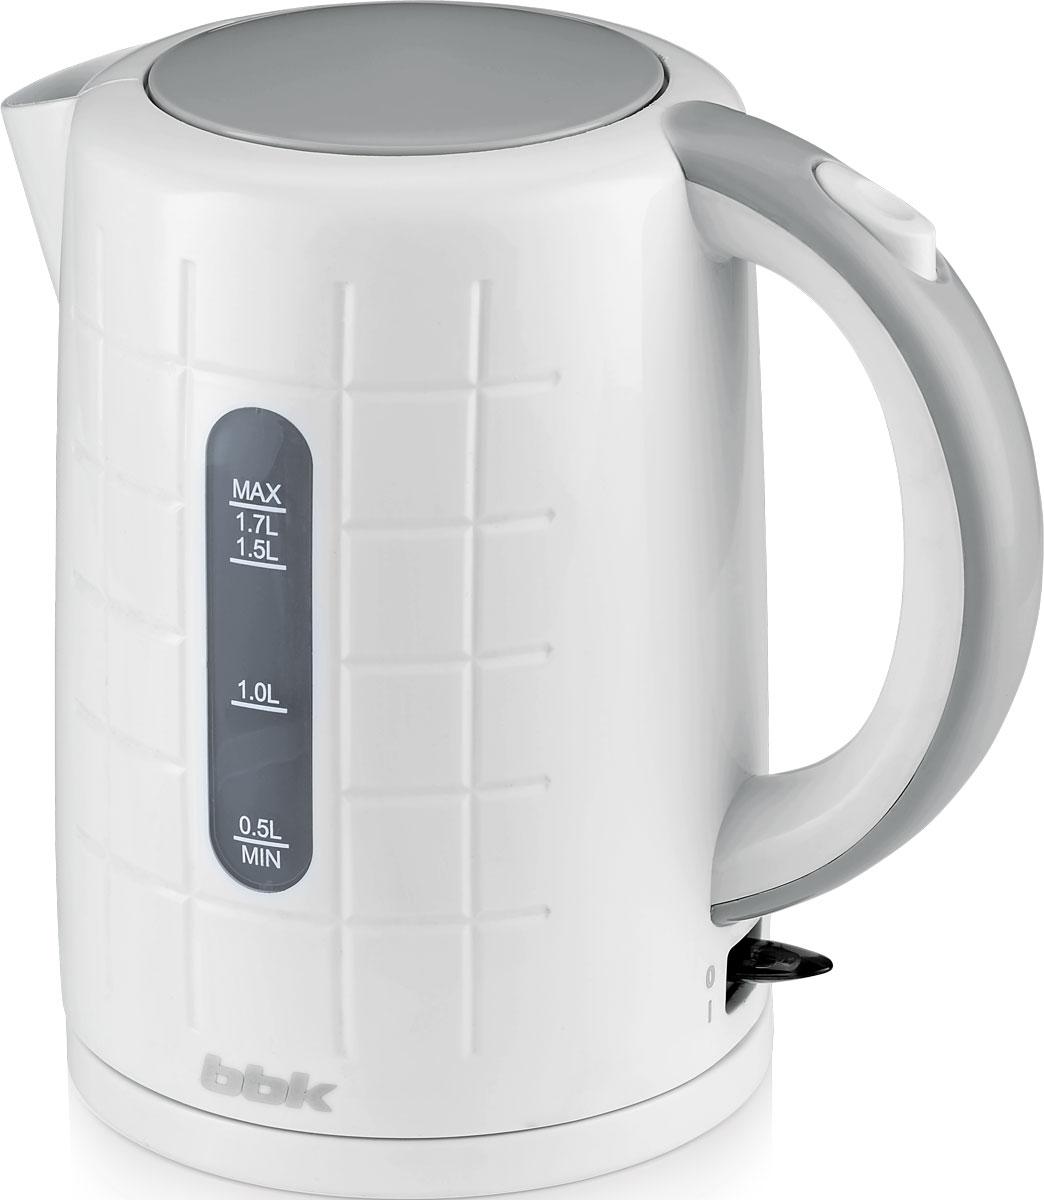 BBK EK1703P, White Metallic электрический чайникEK1703P бел/метЭлектрический чайник BBK EK1703P из термостойкого экологически чистого пластика, мощностью 2200 Bт и емкостью 1,7 литра, - это не просто стильный, но и многофункциональный прибор для вашей кухни. Благодаря английскому контроллеру, установленному в приборе, чайник прослужит в 5 раз дольше обычного, обеспечивая до 15000 закипаний. Модель оснащена многоуровневой защитой: автоматическое отключение при закипании, отключение при недостаточном количестве водыи отключение при снятии чайника с базы. Прибор установлен на удобную подставку с возможностью поворота на 360 градусов и с отделением для хранения шнура. Помимо этого отличительной особенностью является удобный носик для наливания и шкала уровня воды. Съемный фильтр от накипи и скрытый нагревательный элемент гарантированно обеспечат надежность, долговечность и максимально комфортное ежедневное использование.